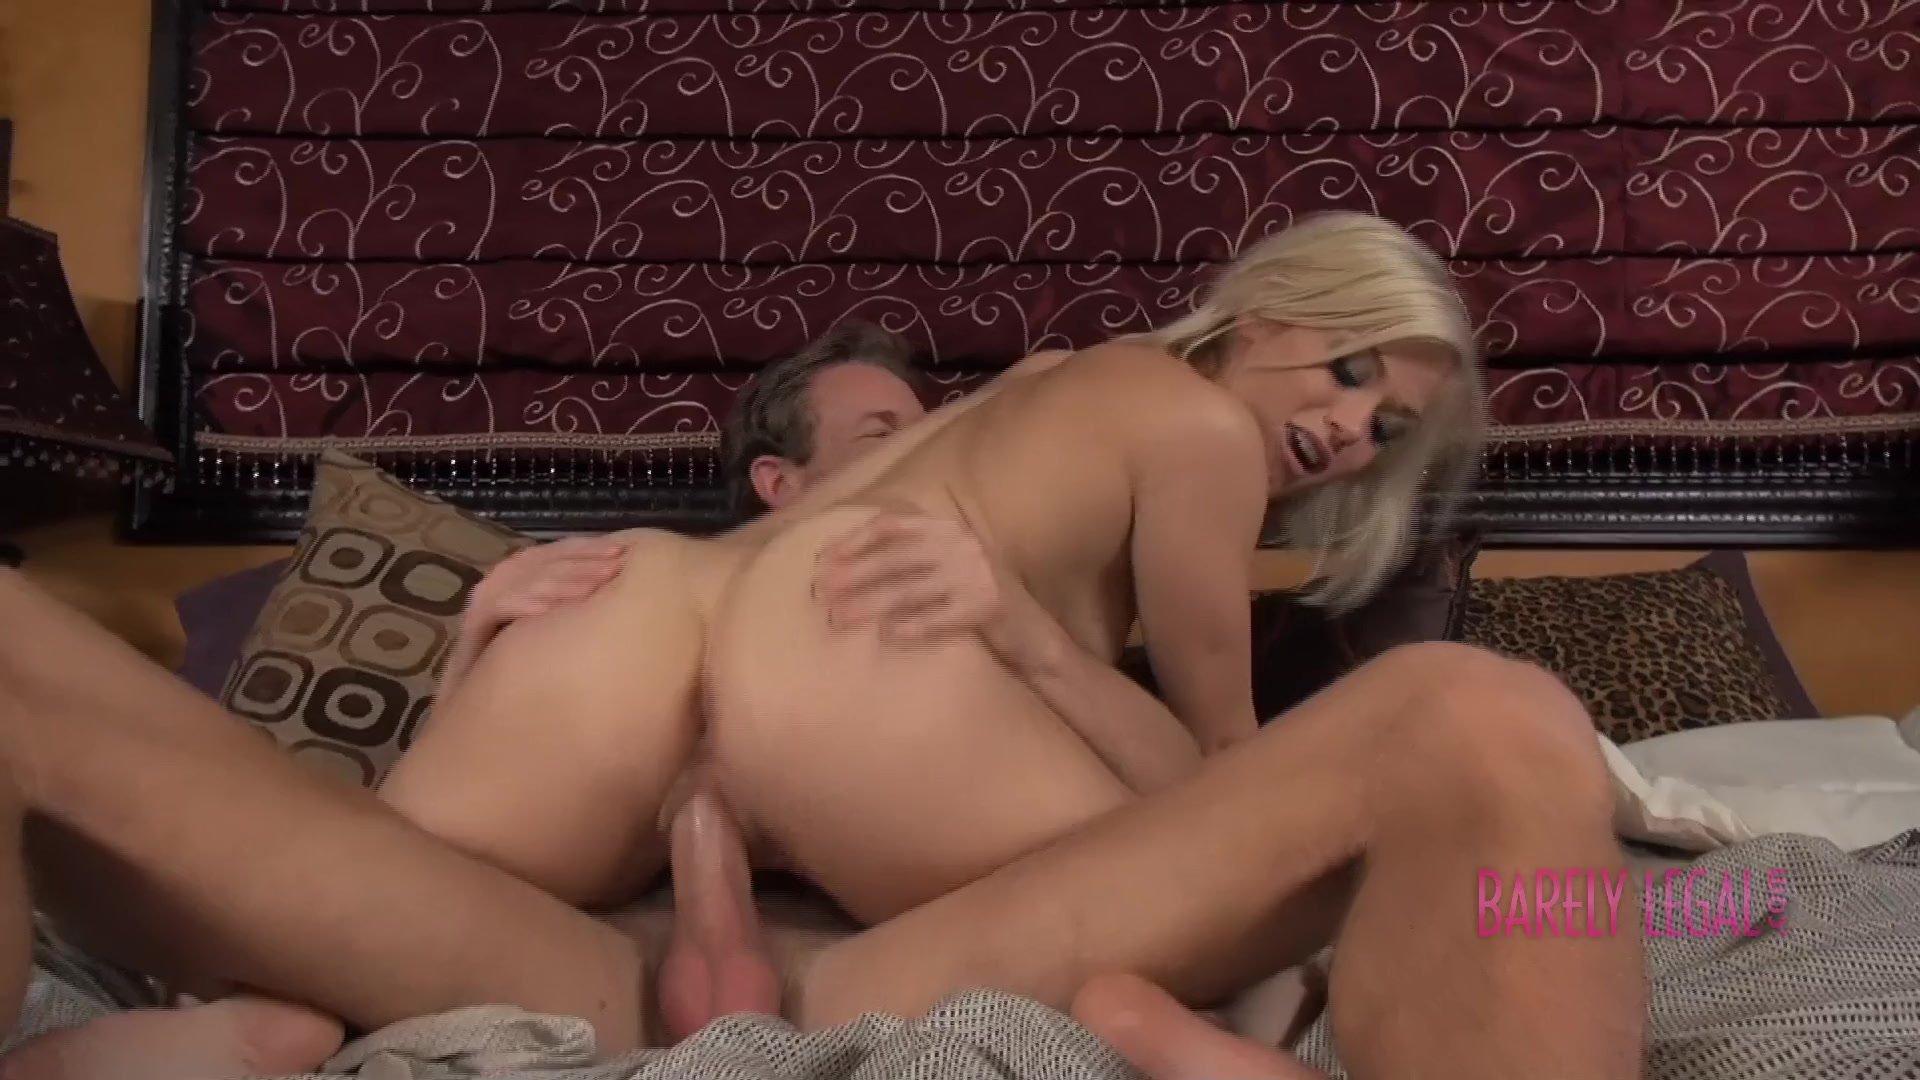 Секс в двоеем, вдвоем одну: порно видео онлайн, смотреть секс ролик 6 фотография